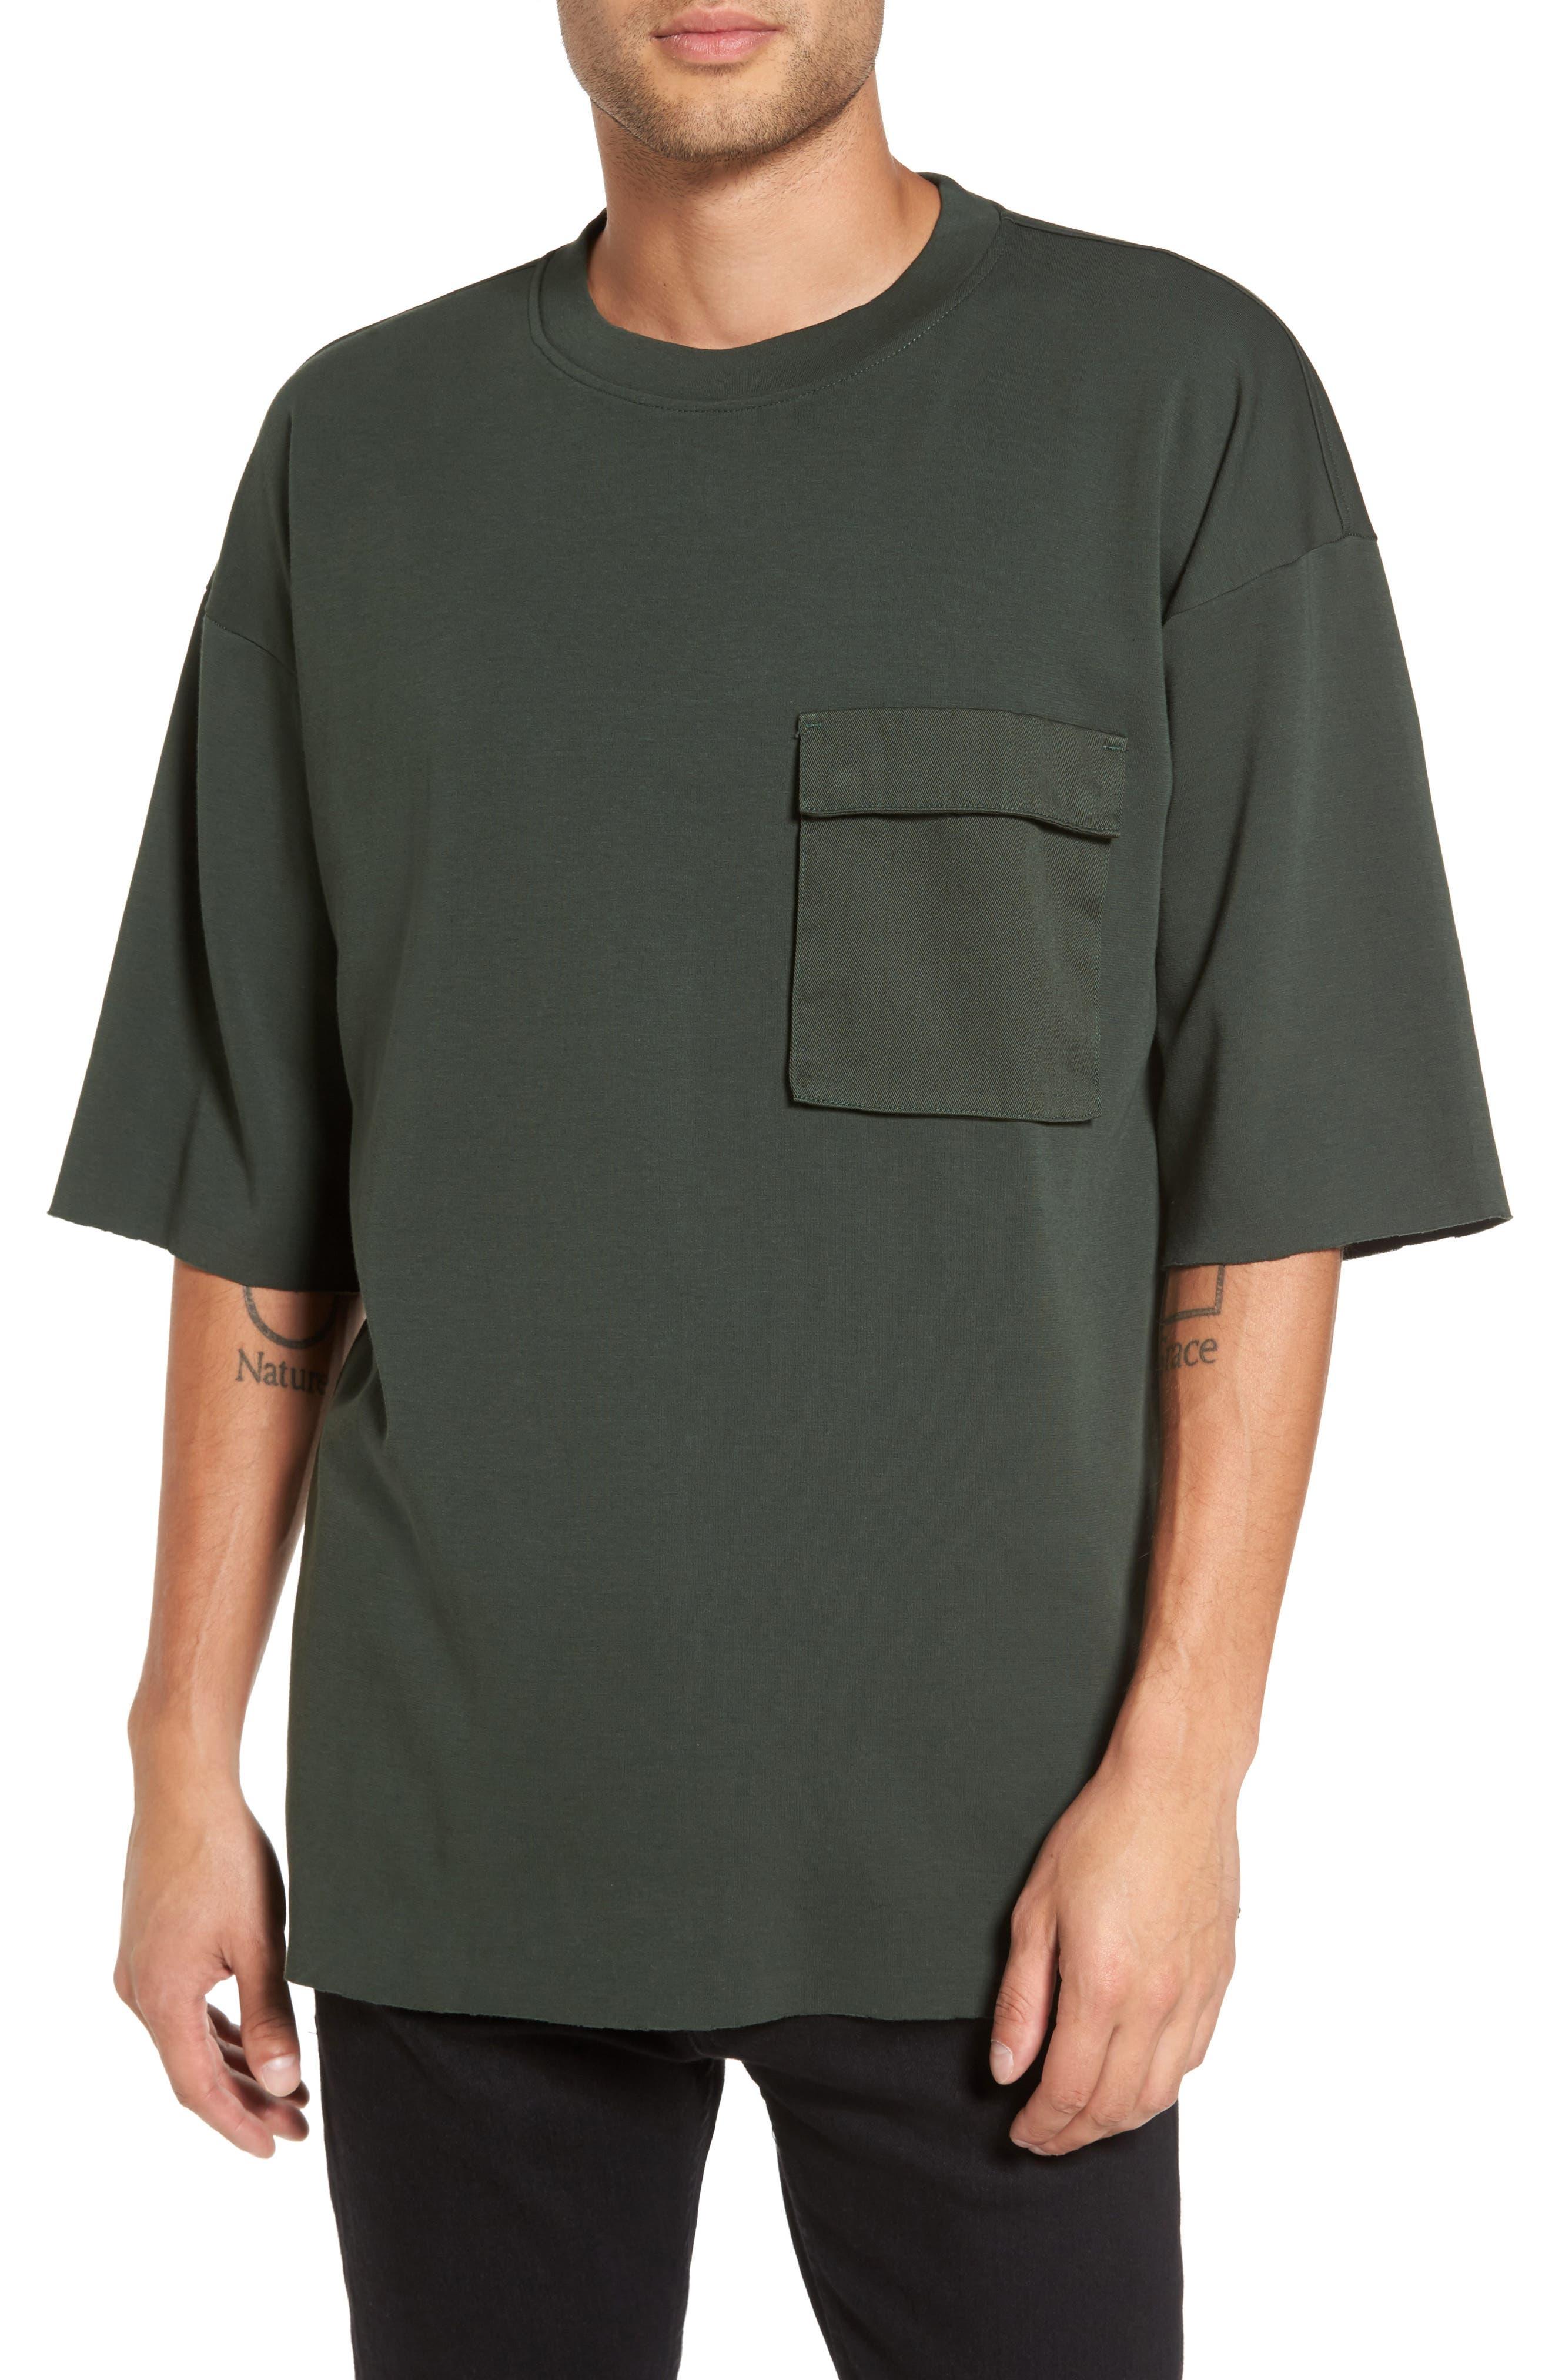 Mauno Pocket T-Shirt,                         Main,                         color, Riot Green